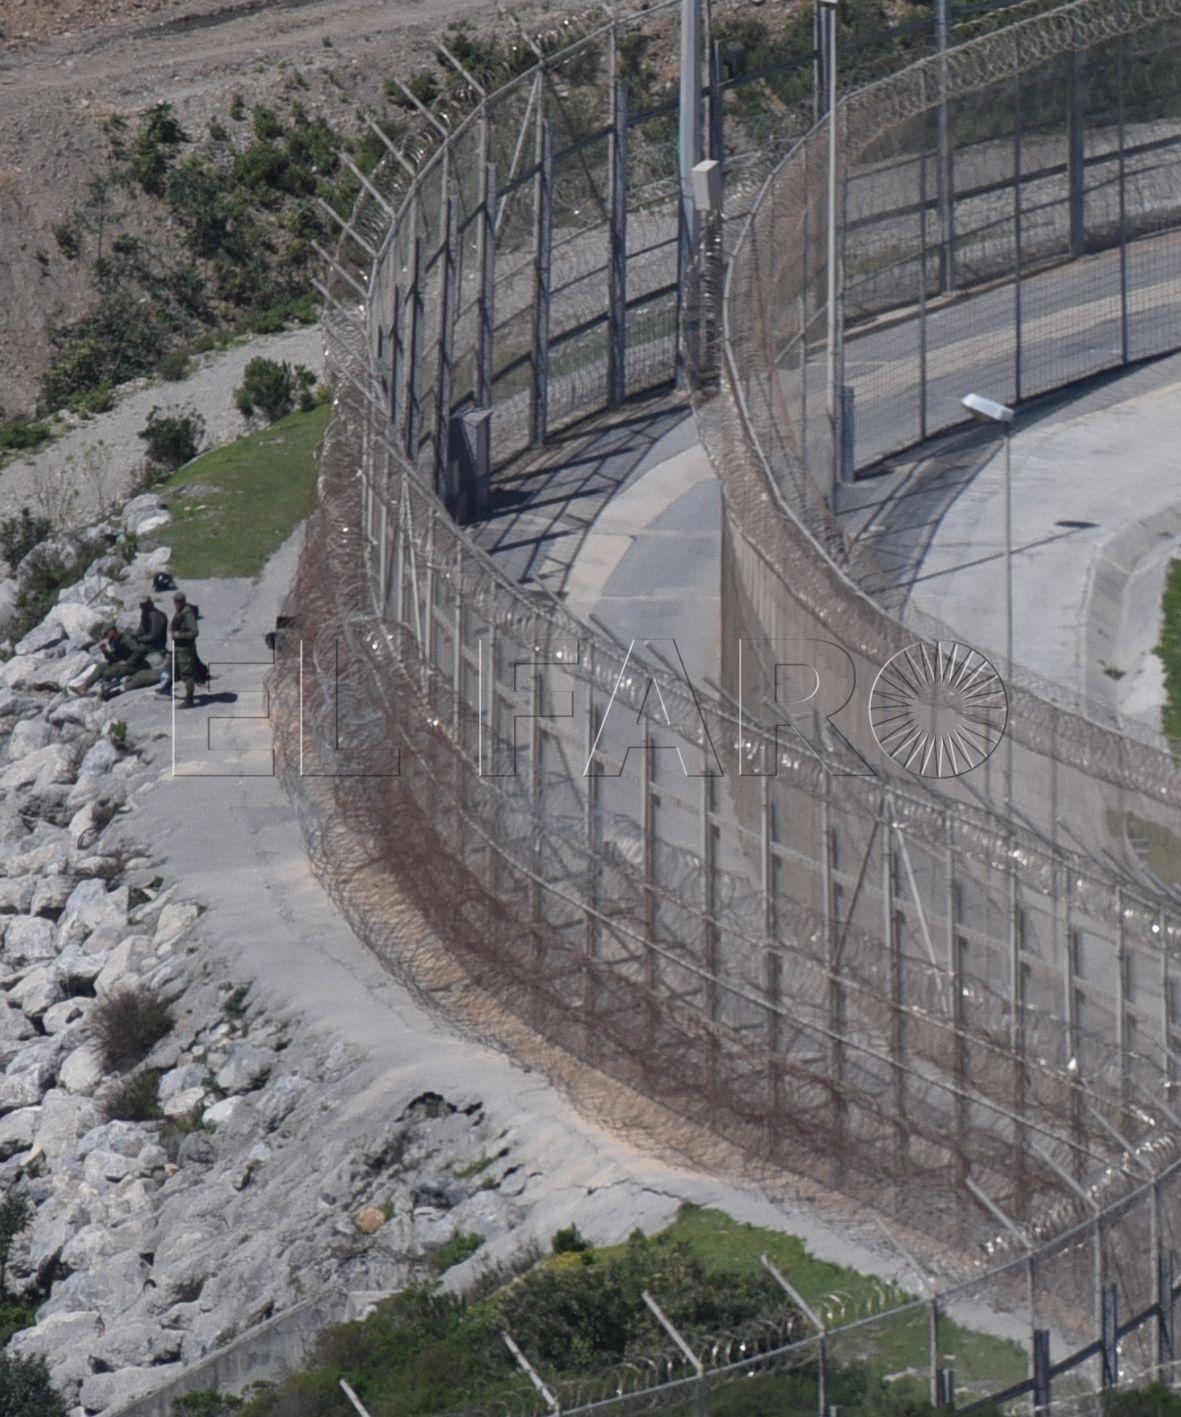 Marruecos peina los montes y frena tres acercamientos a la valla